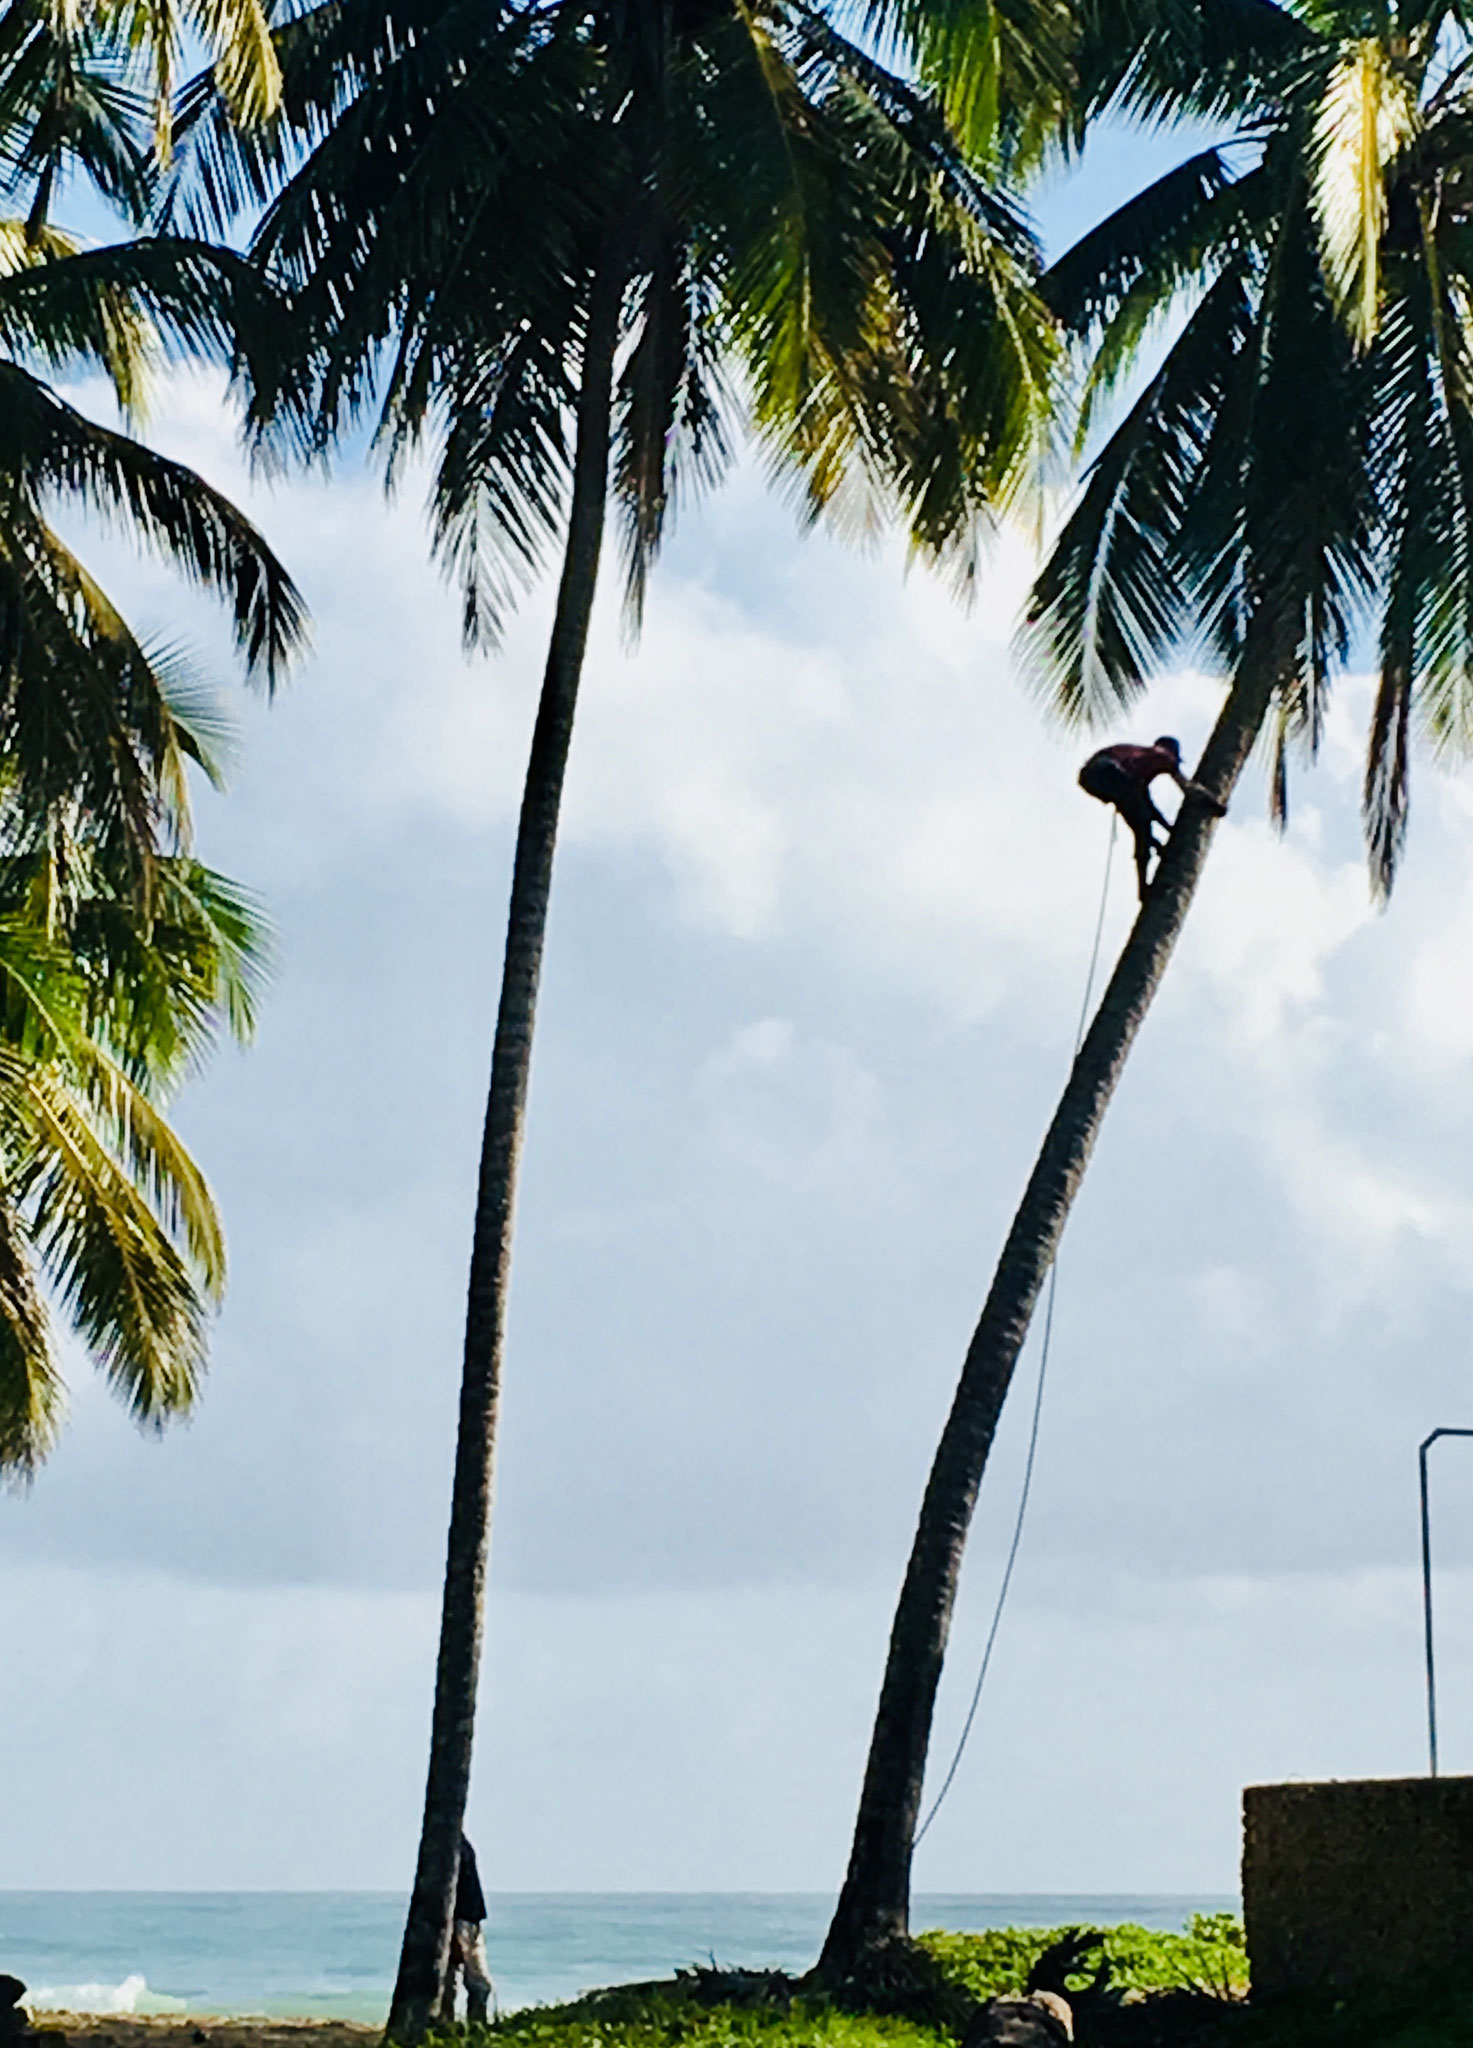 ..mit Blick auf die alltäglichen Arbeiten der Einwohner - hier Kokosnuss-Ernte